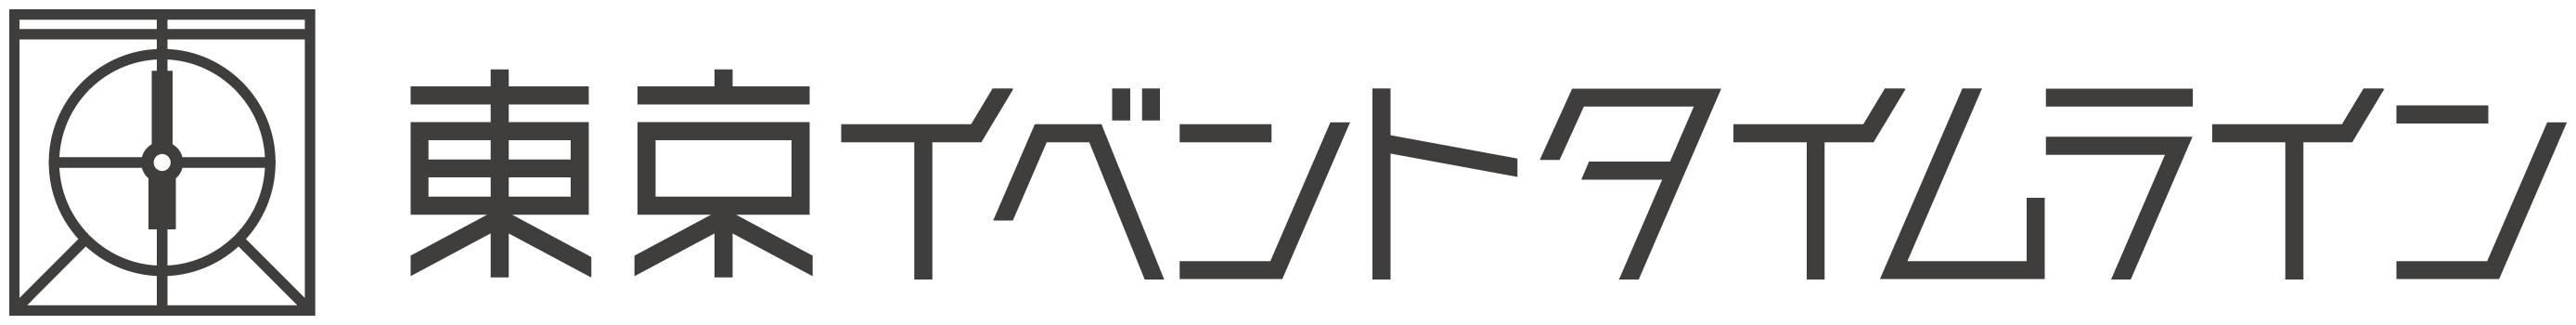 東京イベントタイムライン